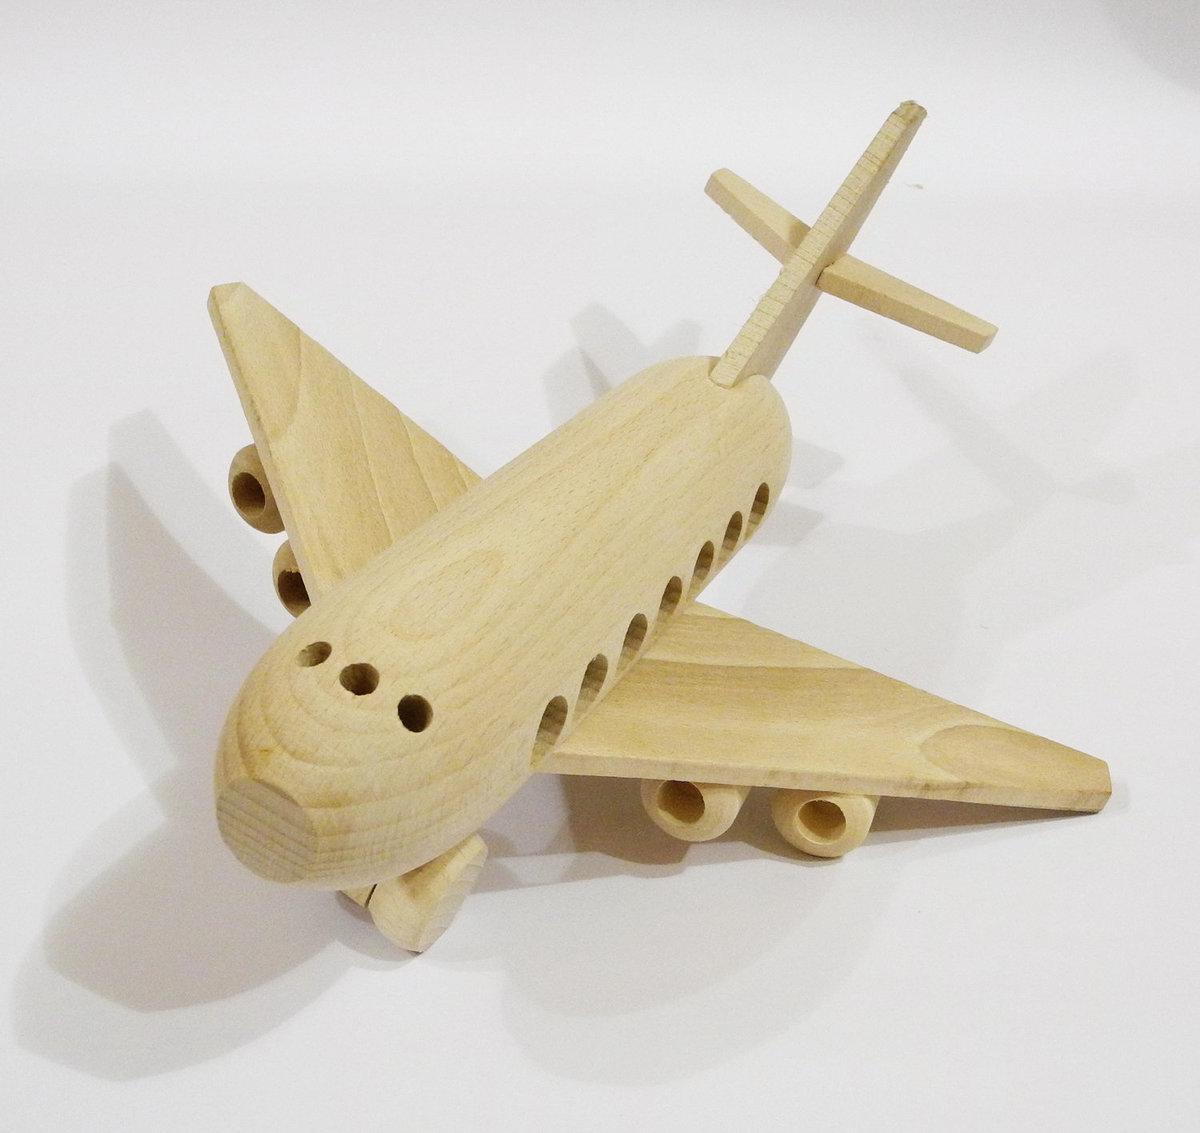 Как сделать модель самолёт из дерева своими руками